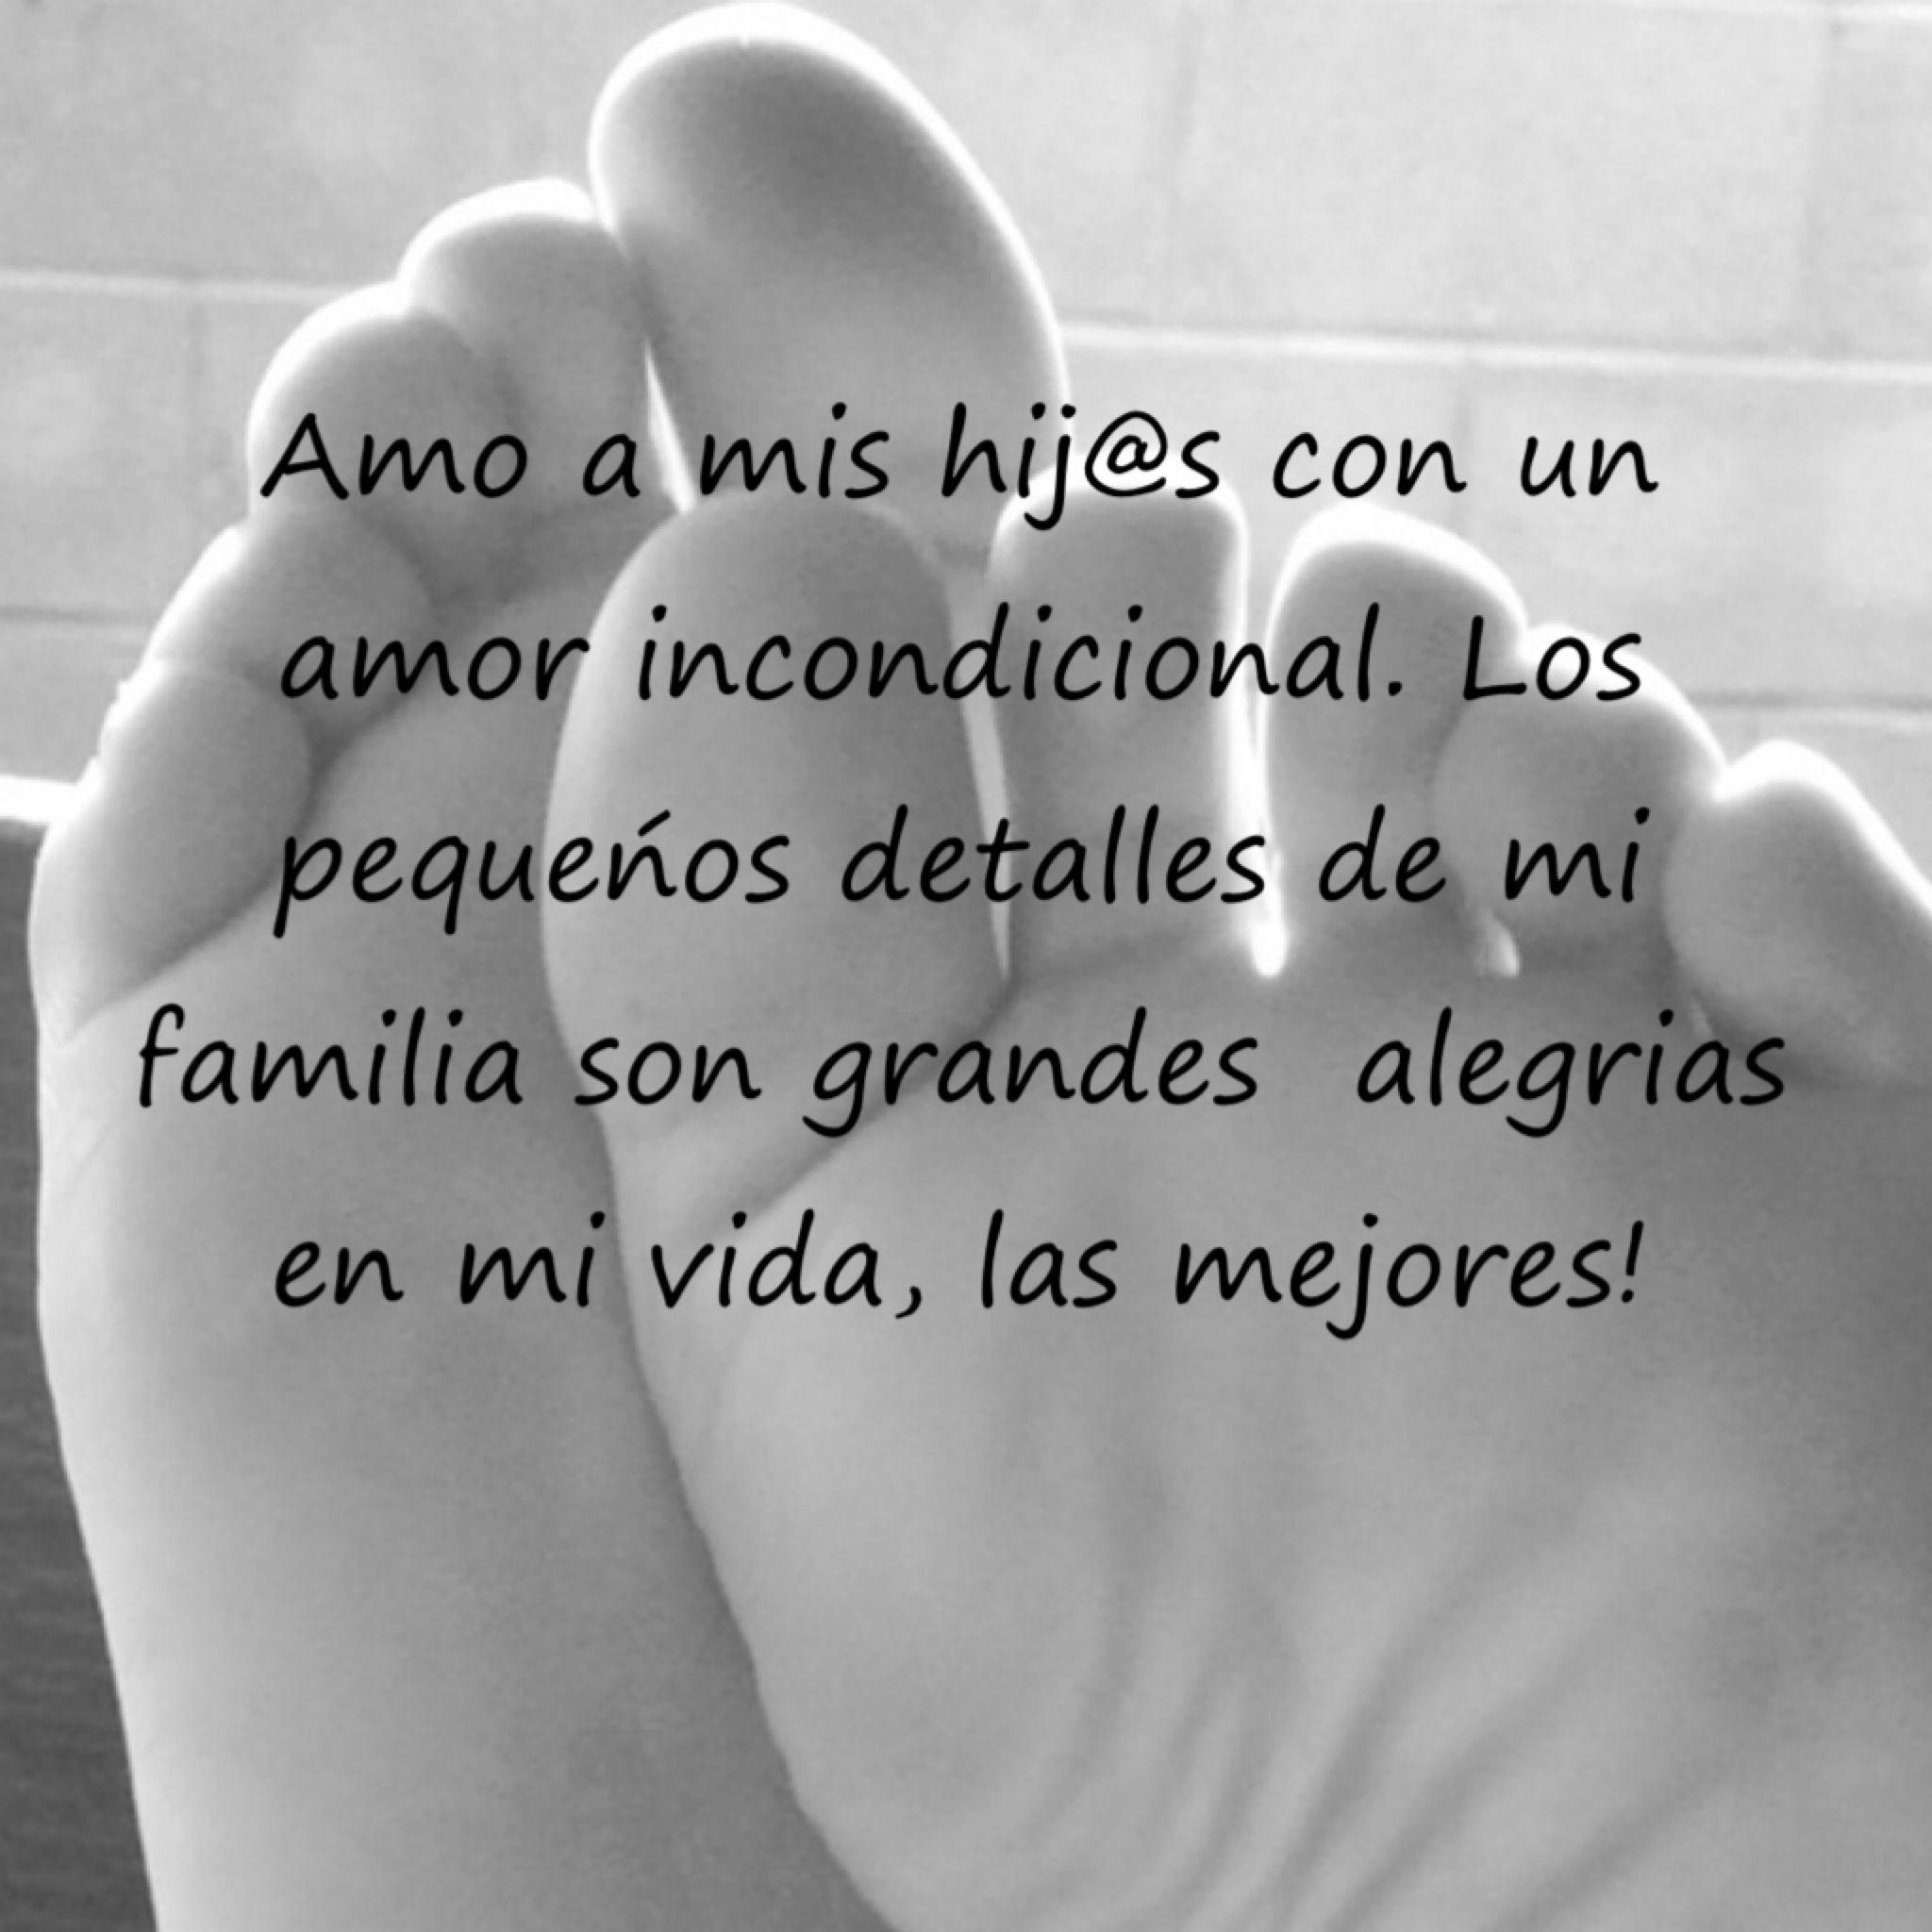 Amo A Mis Hijas Con Un Amor Invondicional El Amor Mas Limpio Que